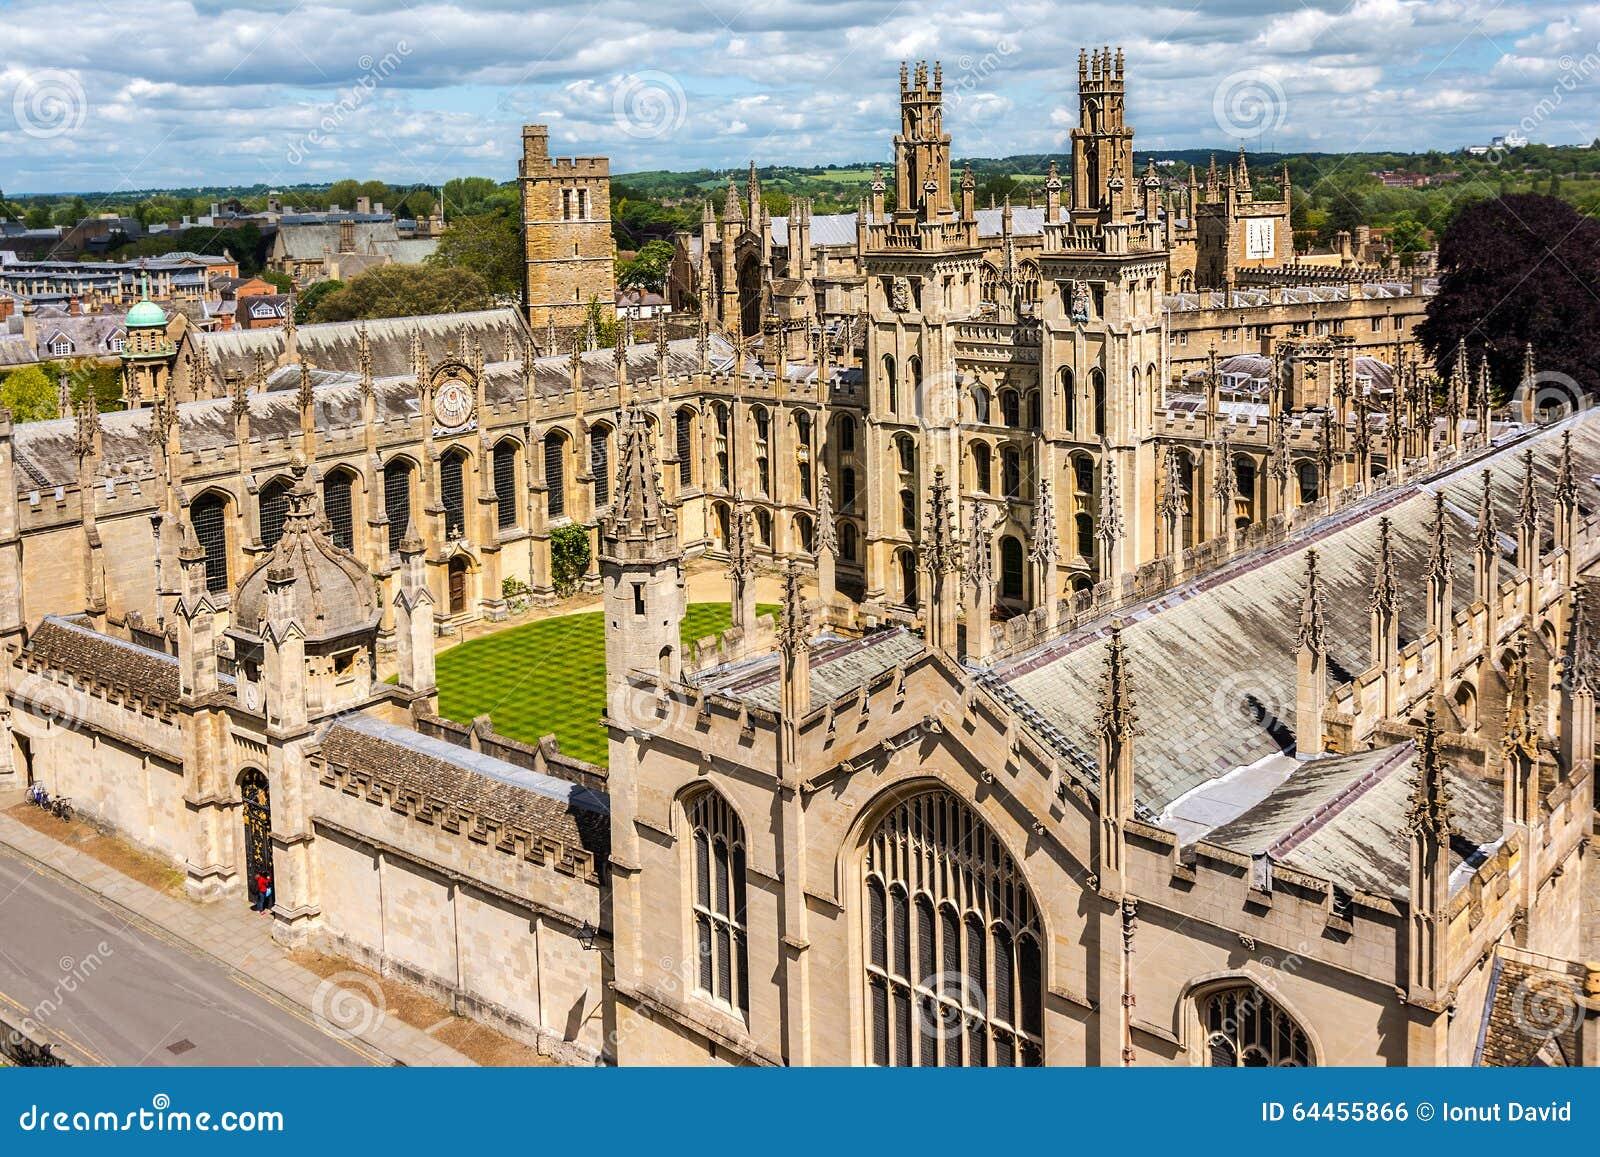 Όλο το κολλέγιο ψυχής, Πανεπιστήμιο της Οξφόρδης